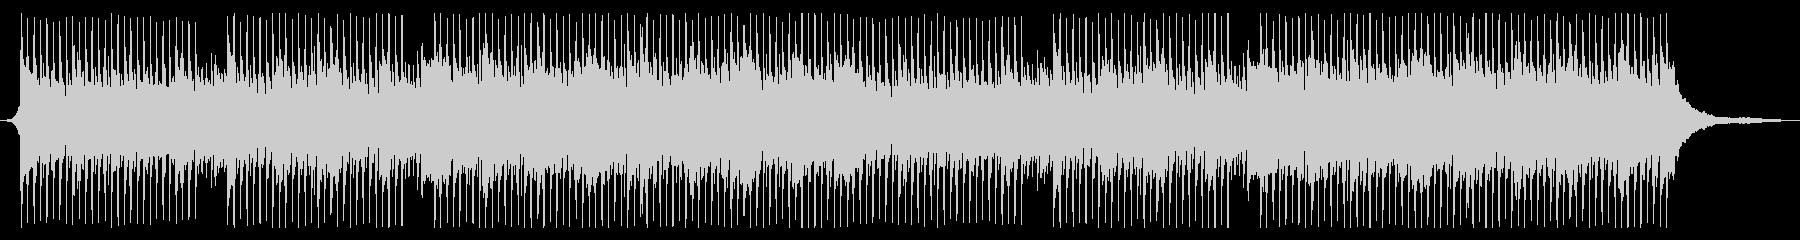 ストリングス無 ピアノ 爽快 STARTの未再生の波形